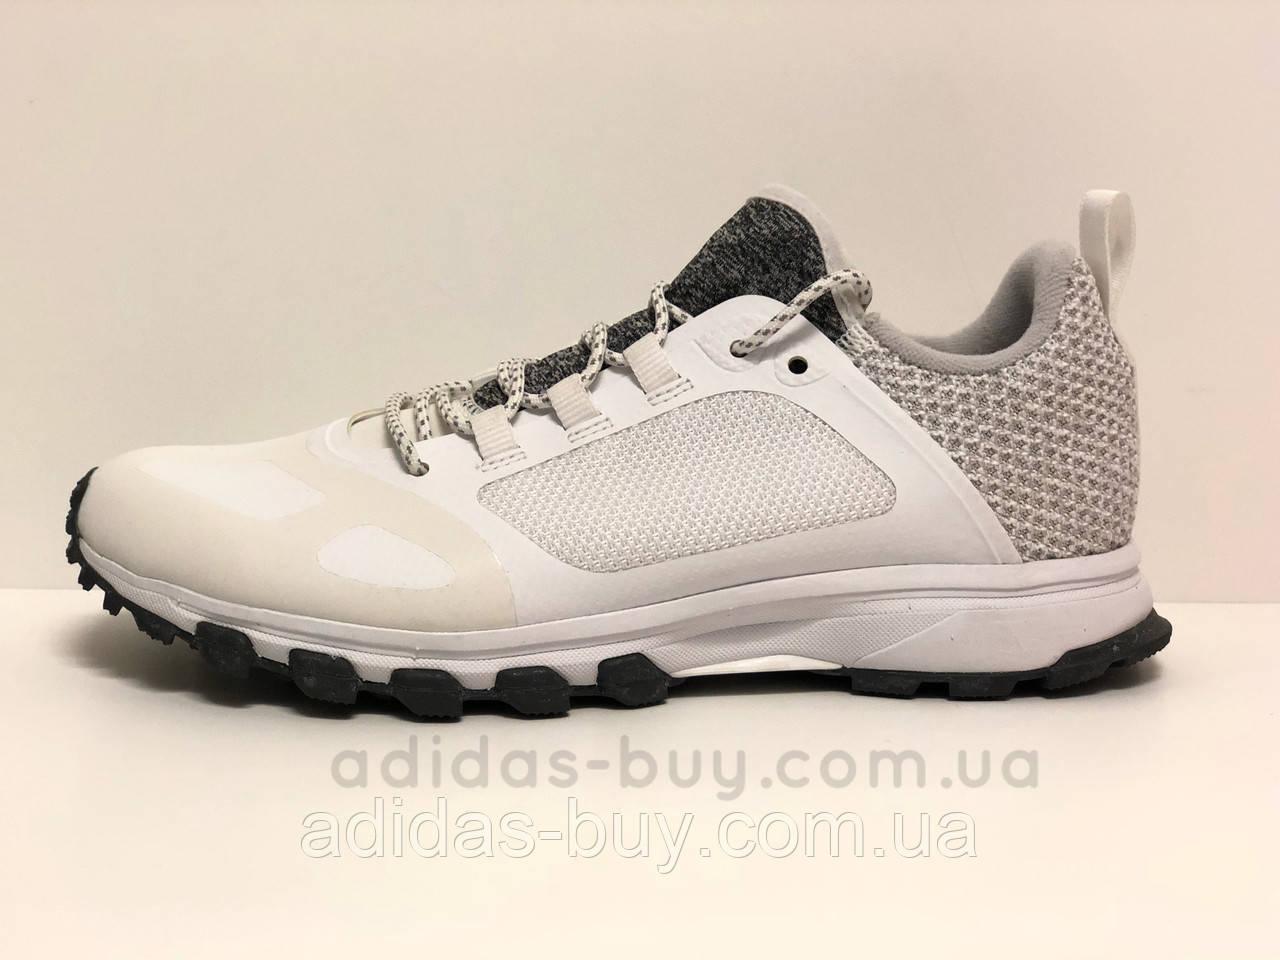 Женские кроссовки для бега Adidas adizero XT AQ2687 оригинальные